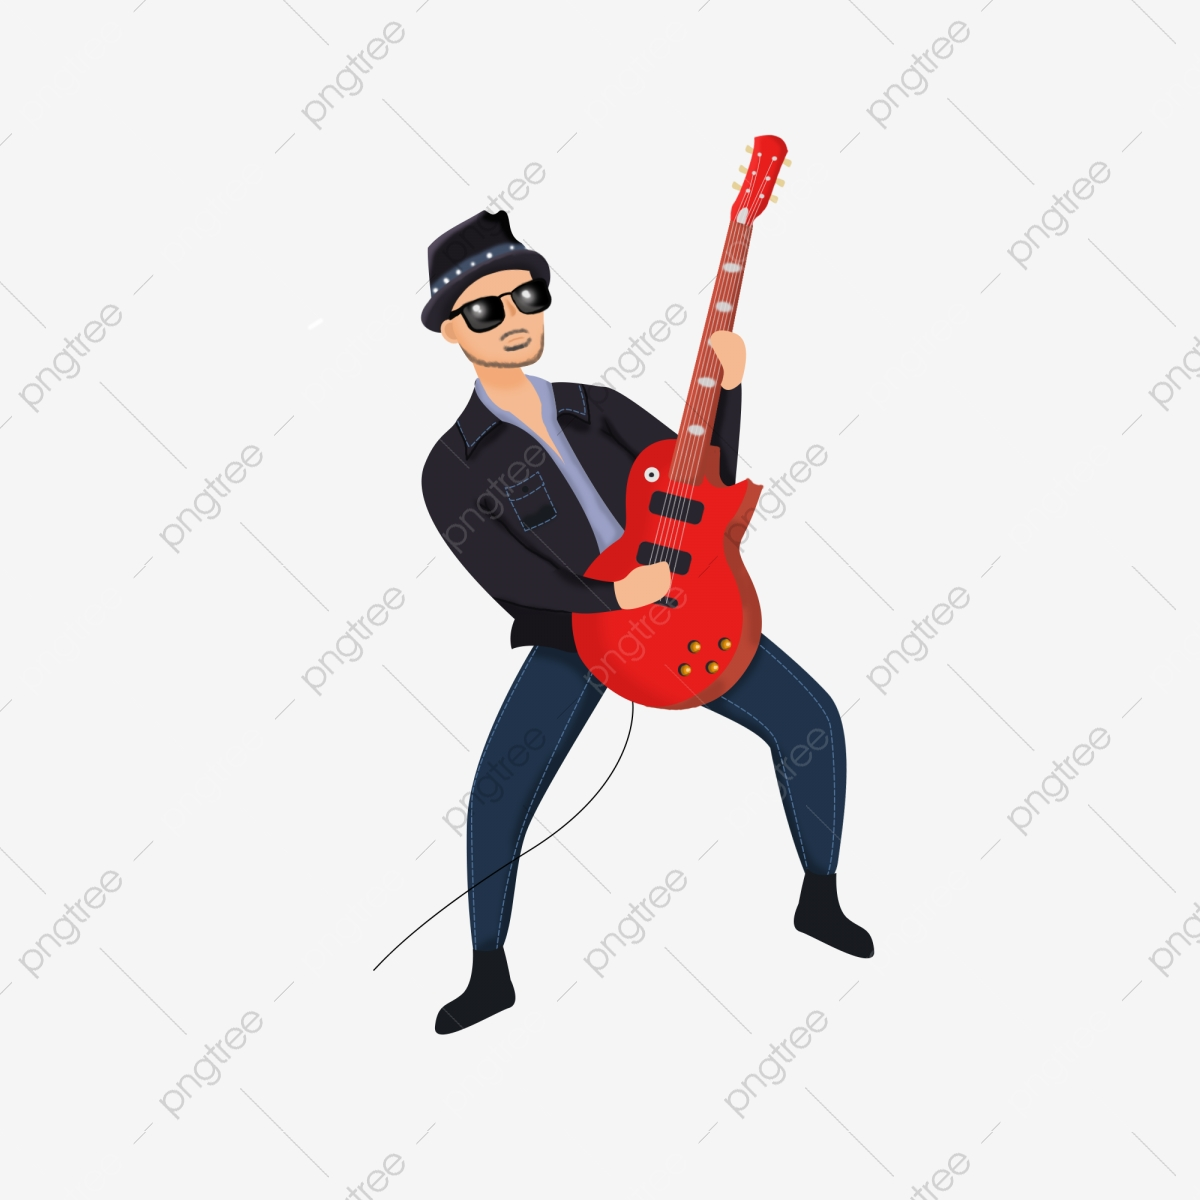 Desenho De Guitarra Personagens De Desenhos Animados Menino Dos